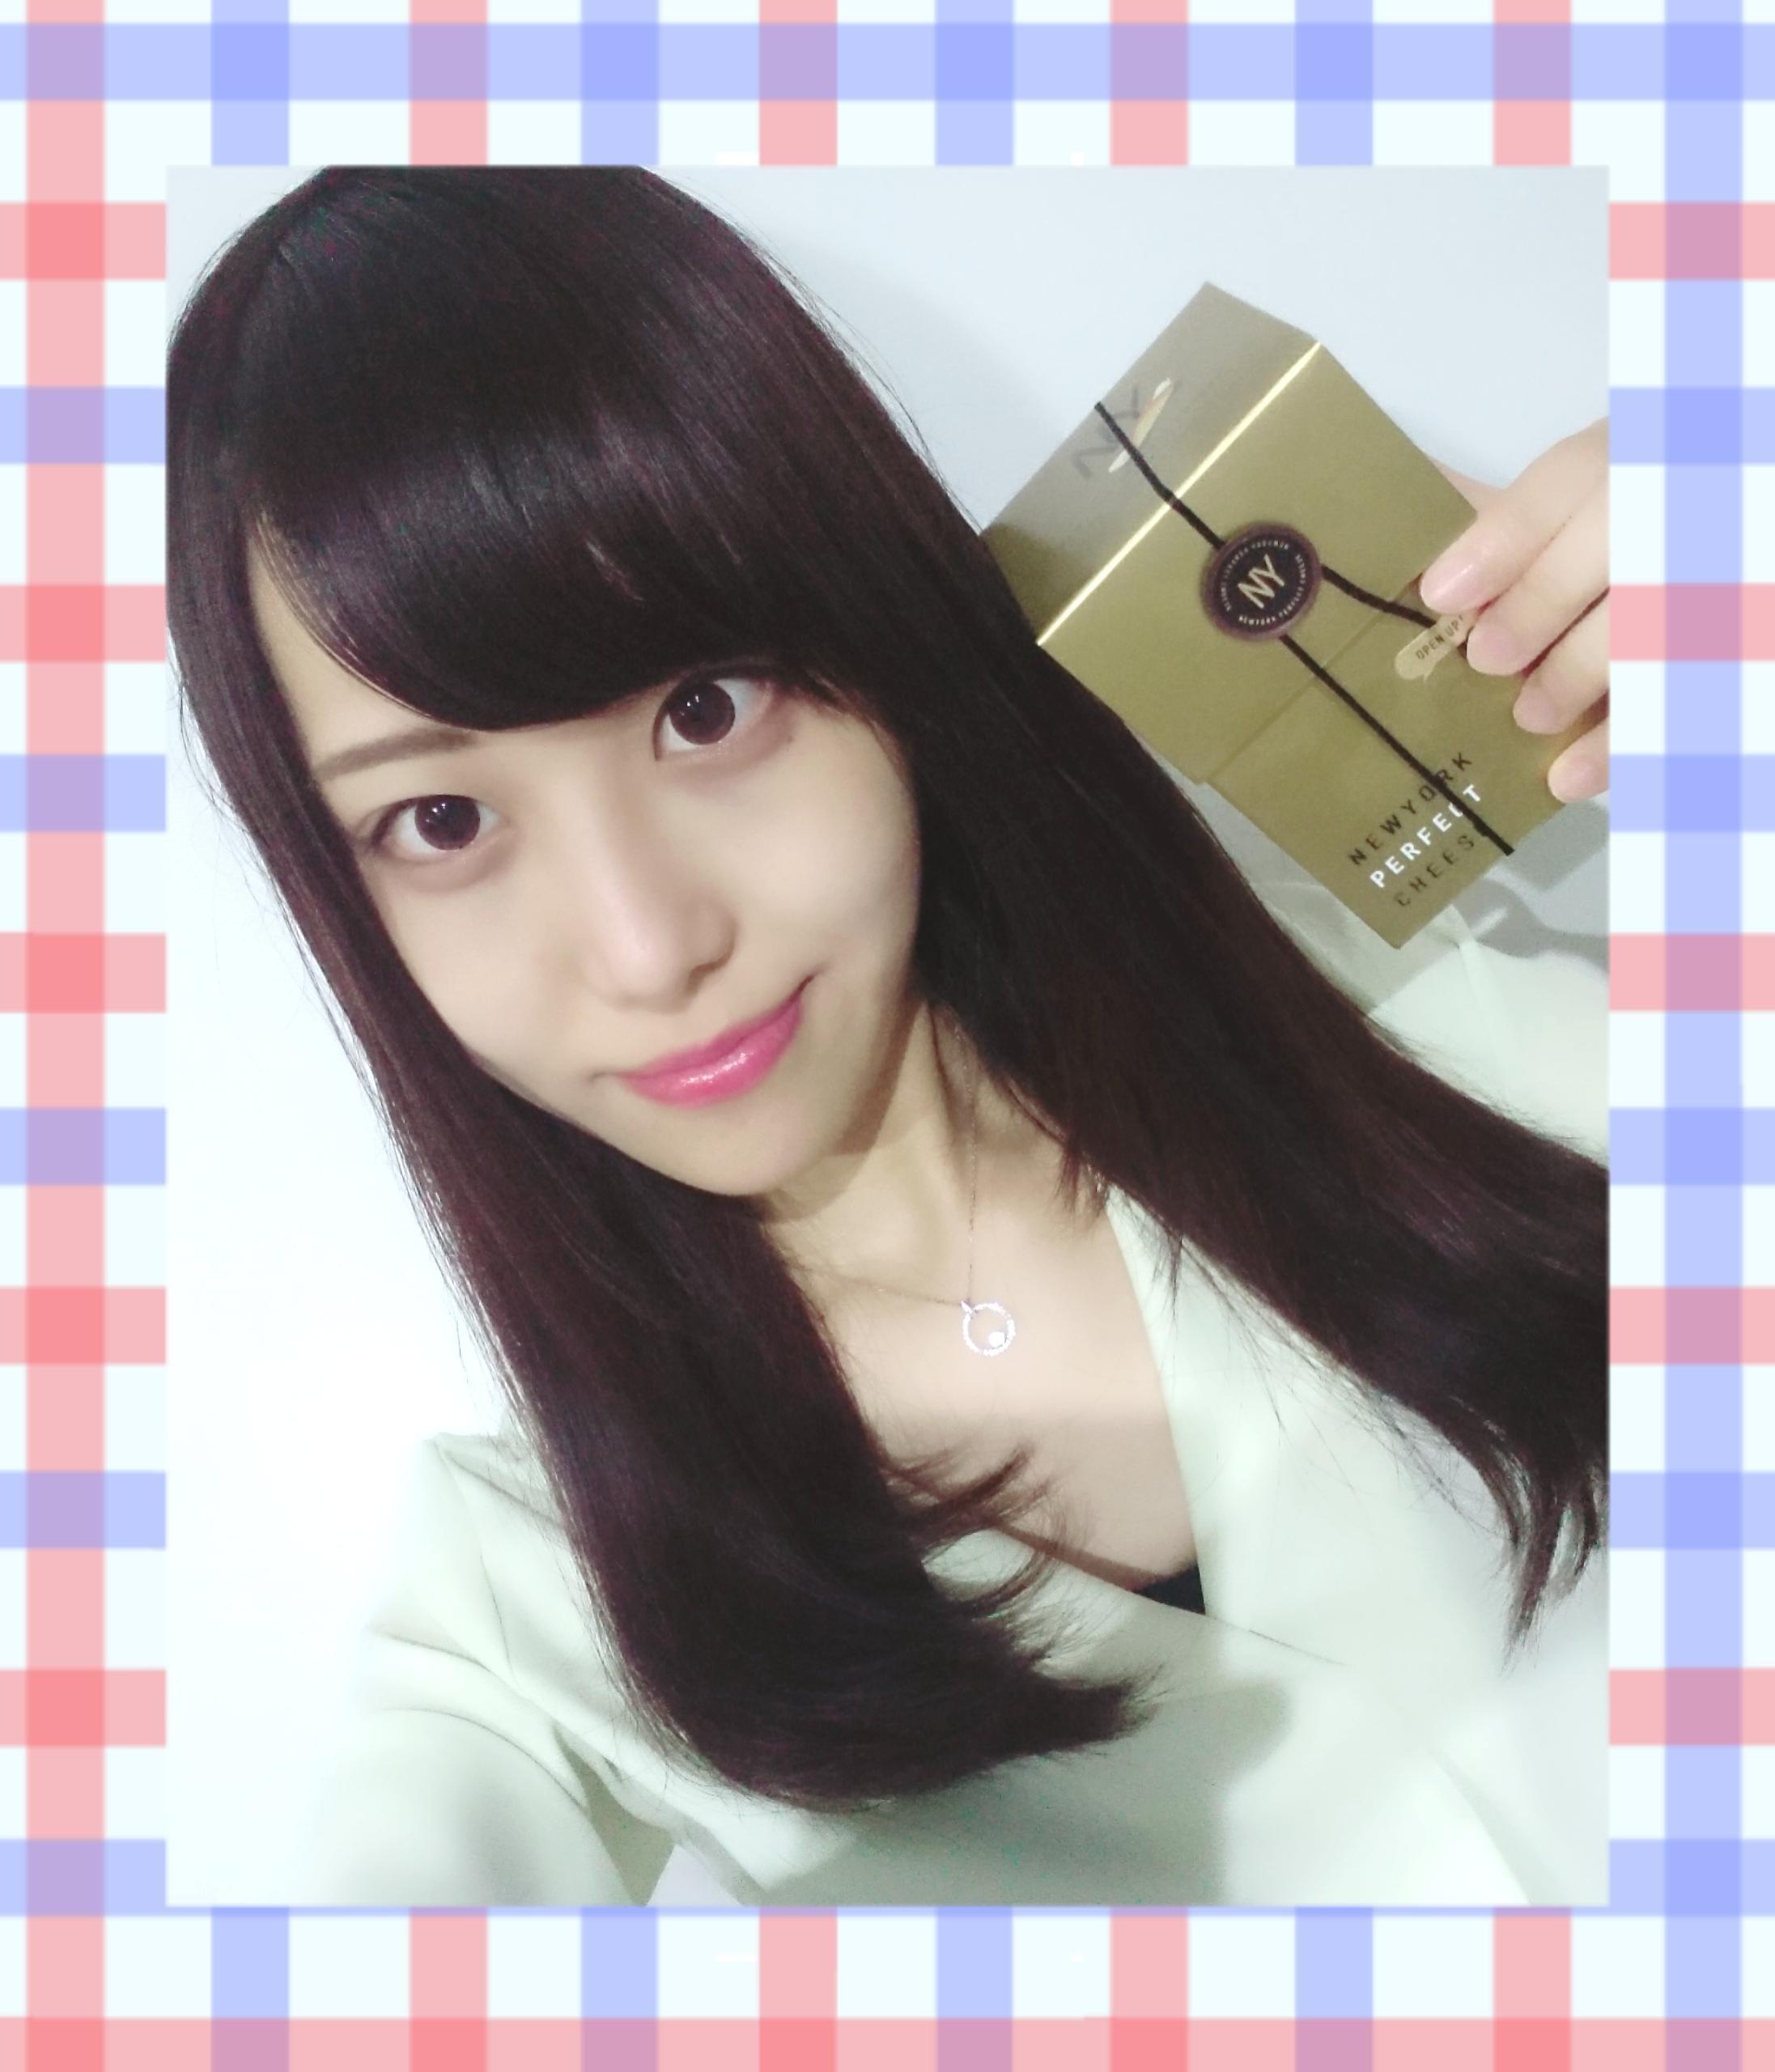 「モデルさんですか??」08/21(08/21) 18:31   梨里花(りりか)の写メ・風俗動画